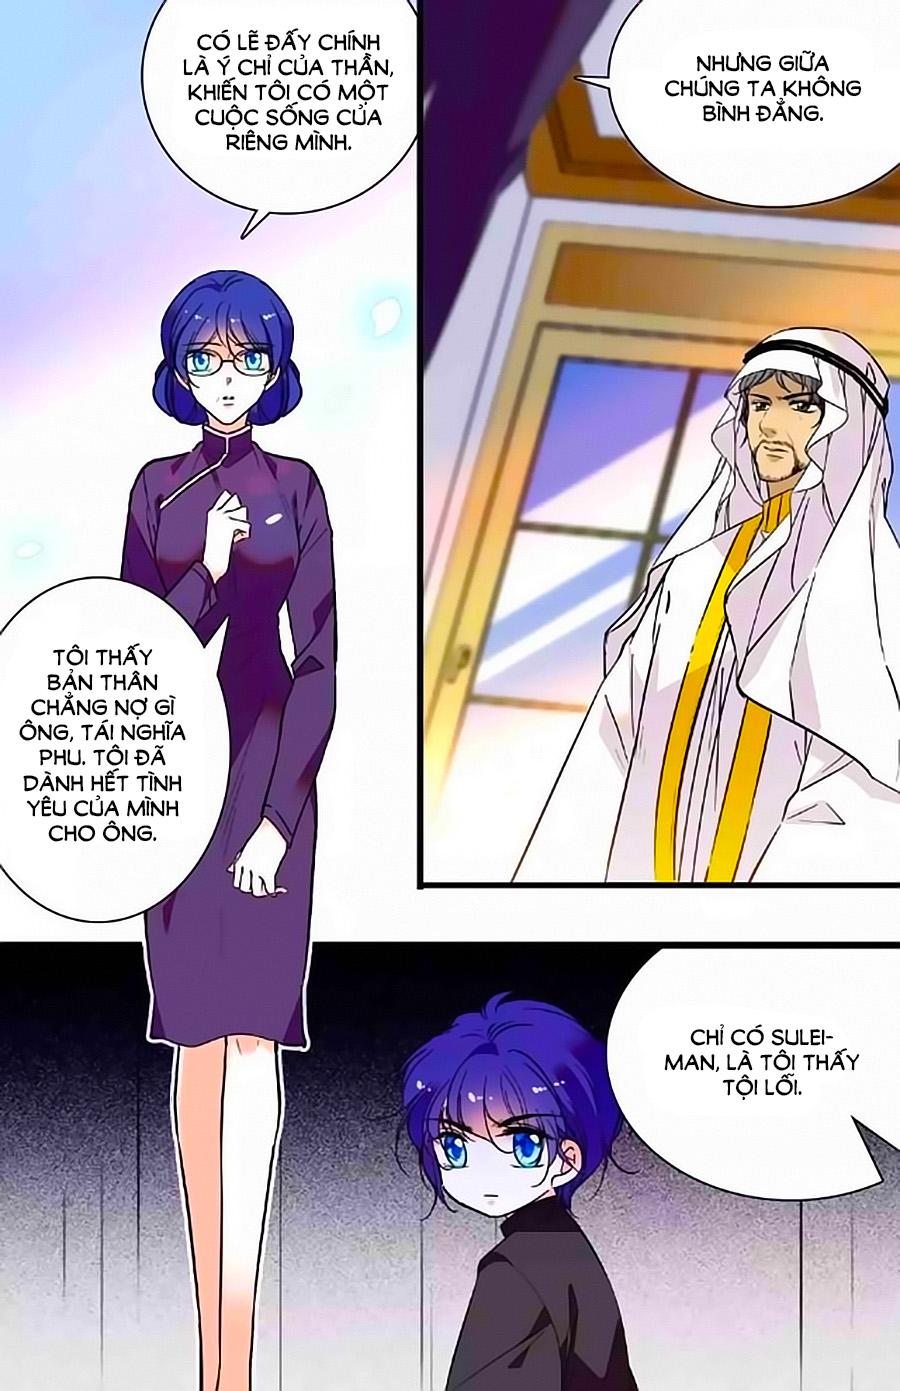 999 Nụ Hôn Bá Đạo Của Nam Thần Chap 319 - Trang 4